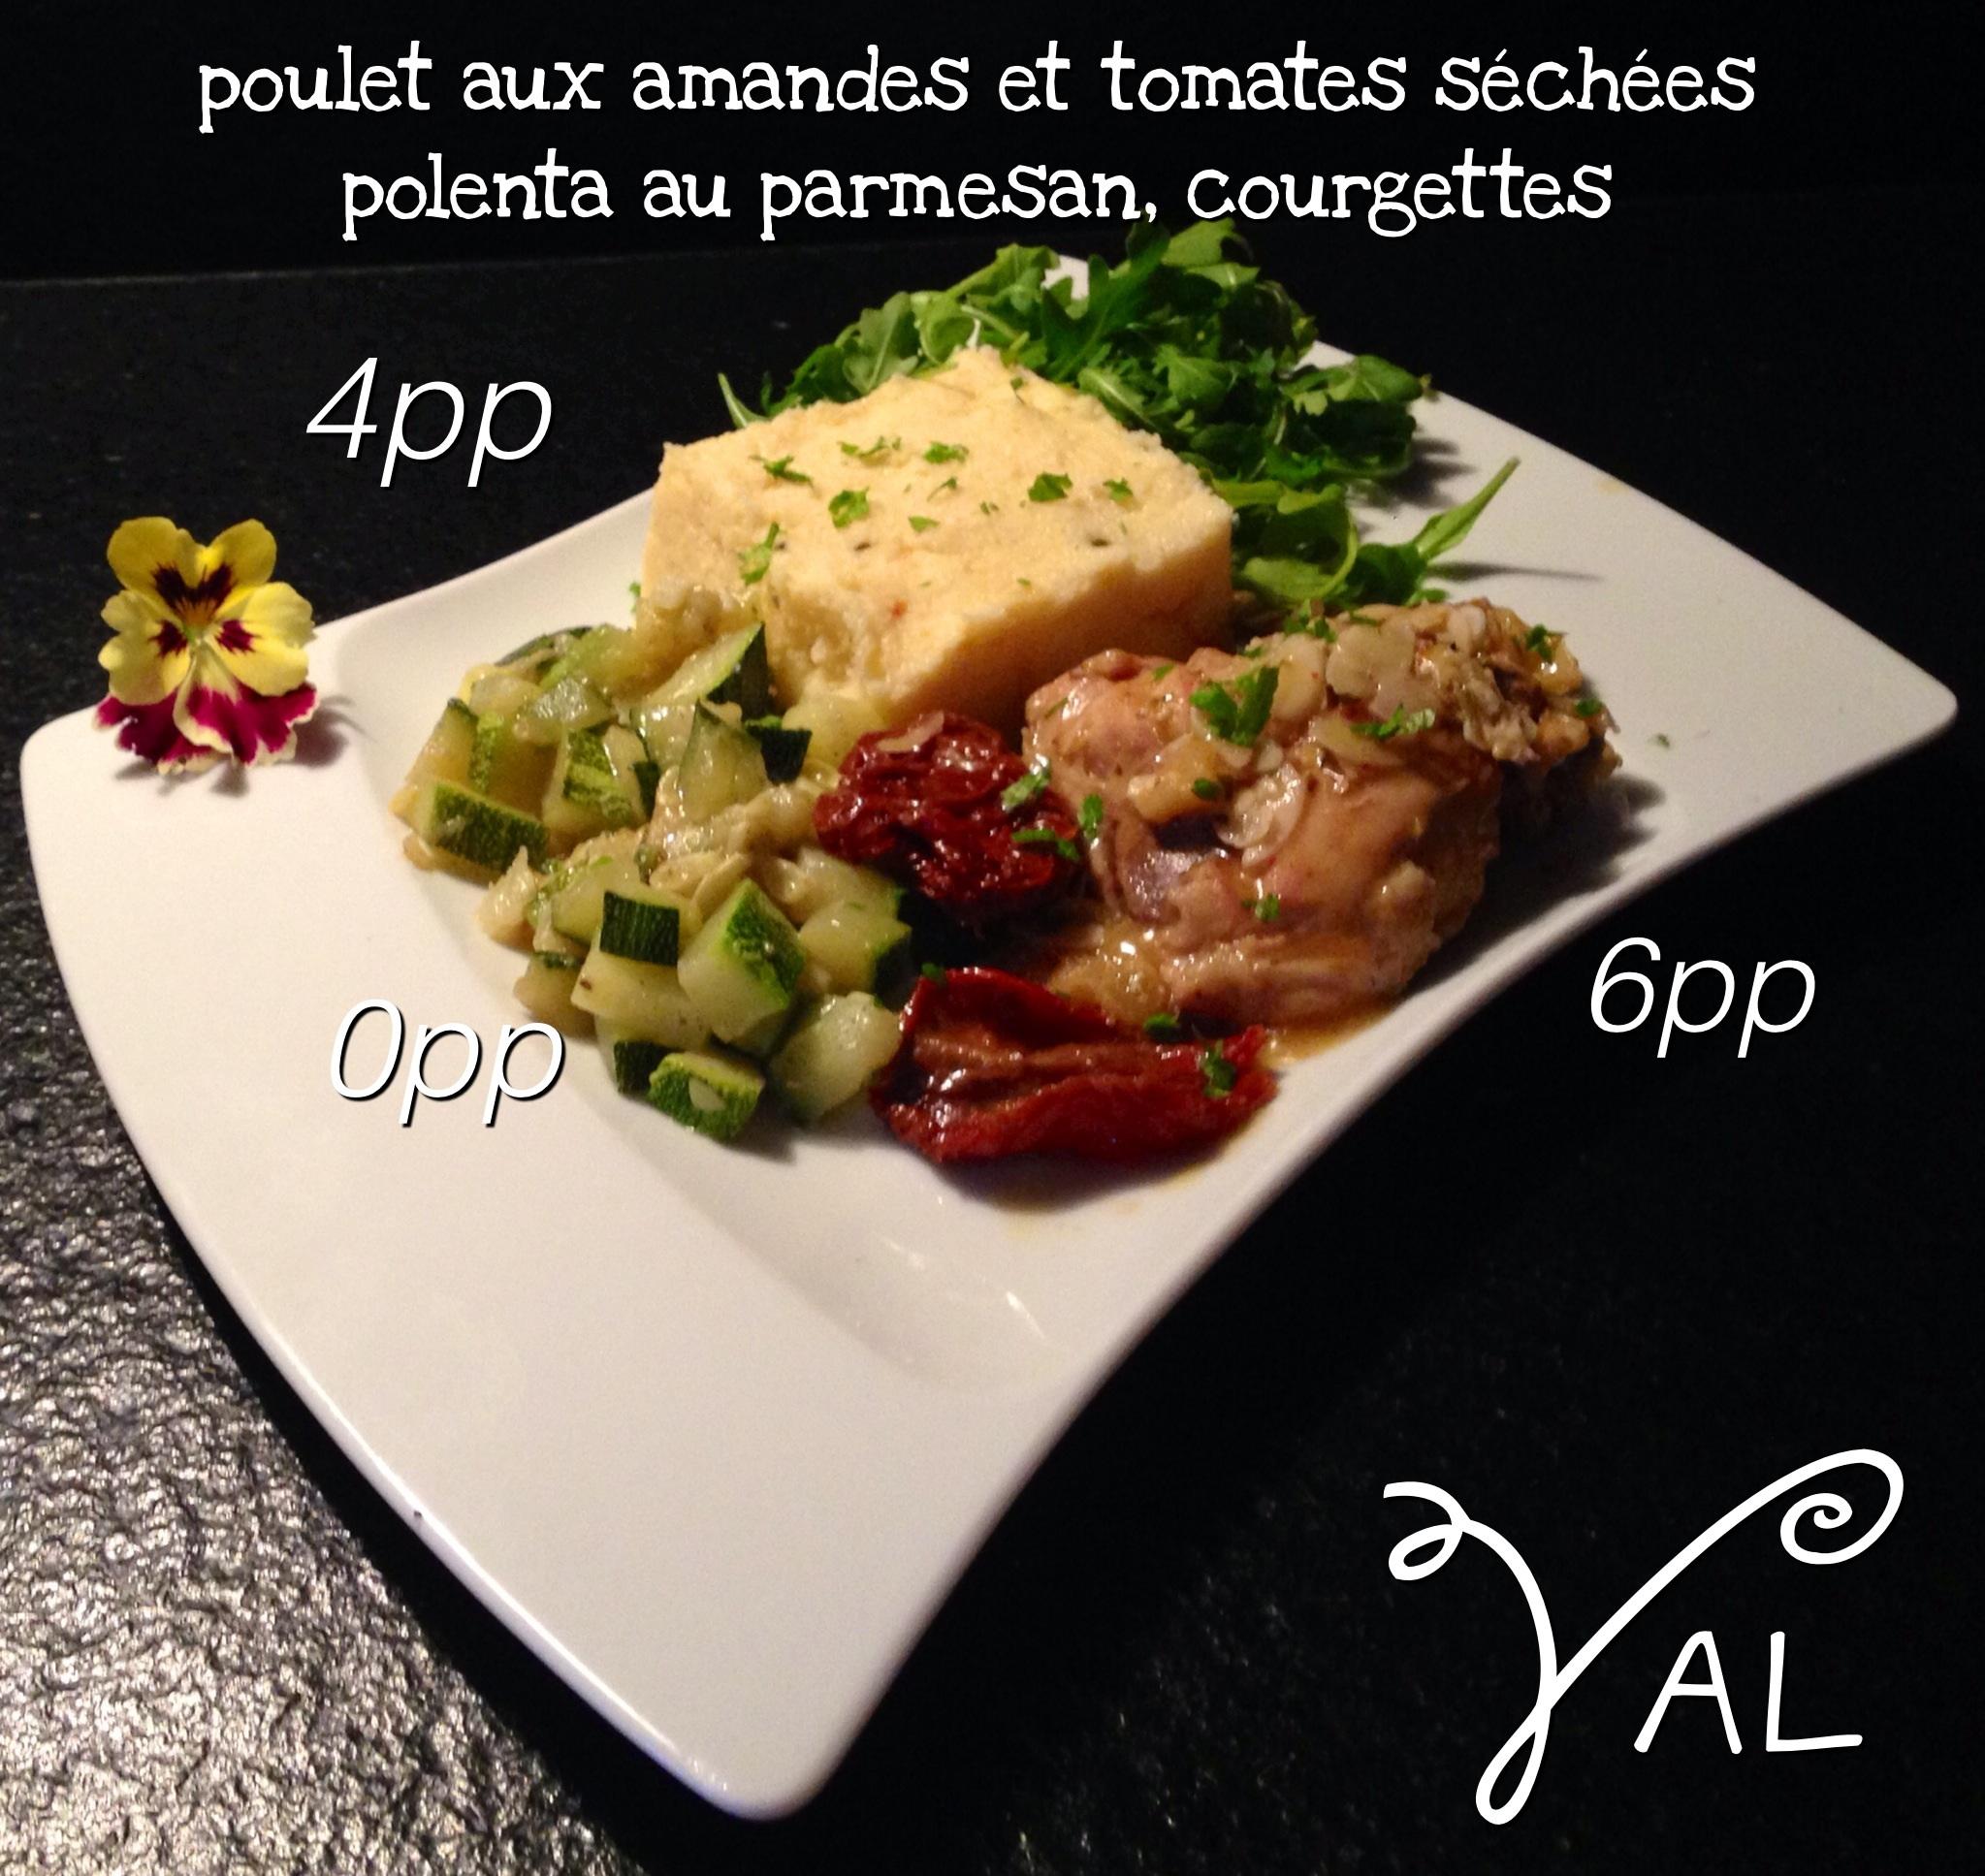 Poulet aux amandes et tomates s ch es polenta au parmesan - Cuisiner les morilles sechees ...